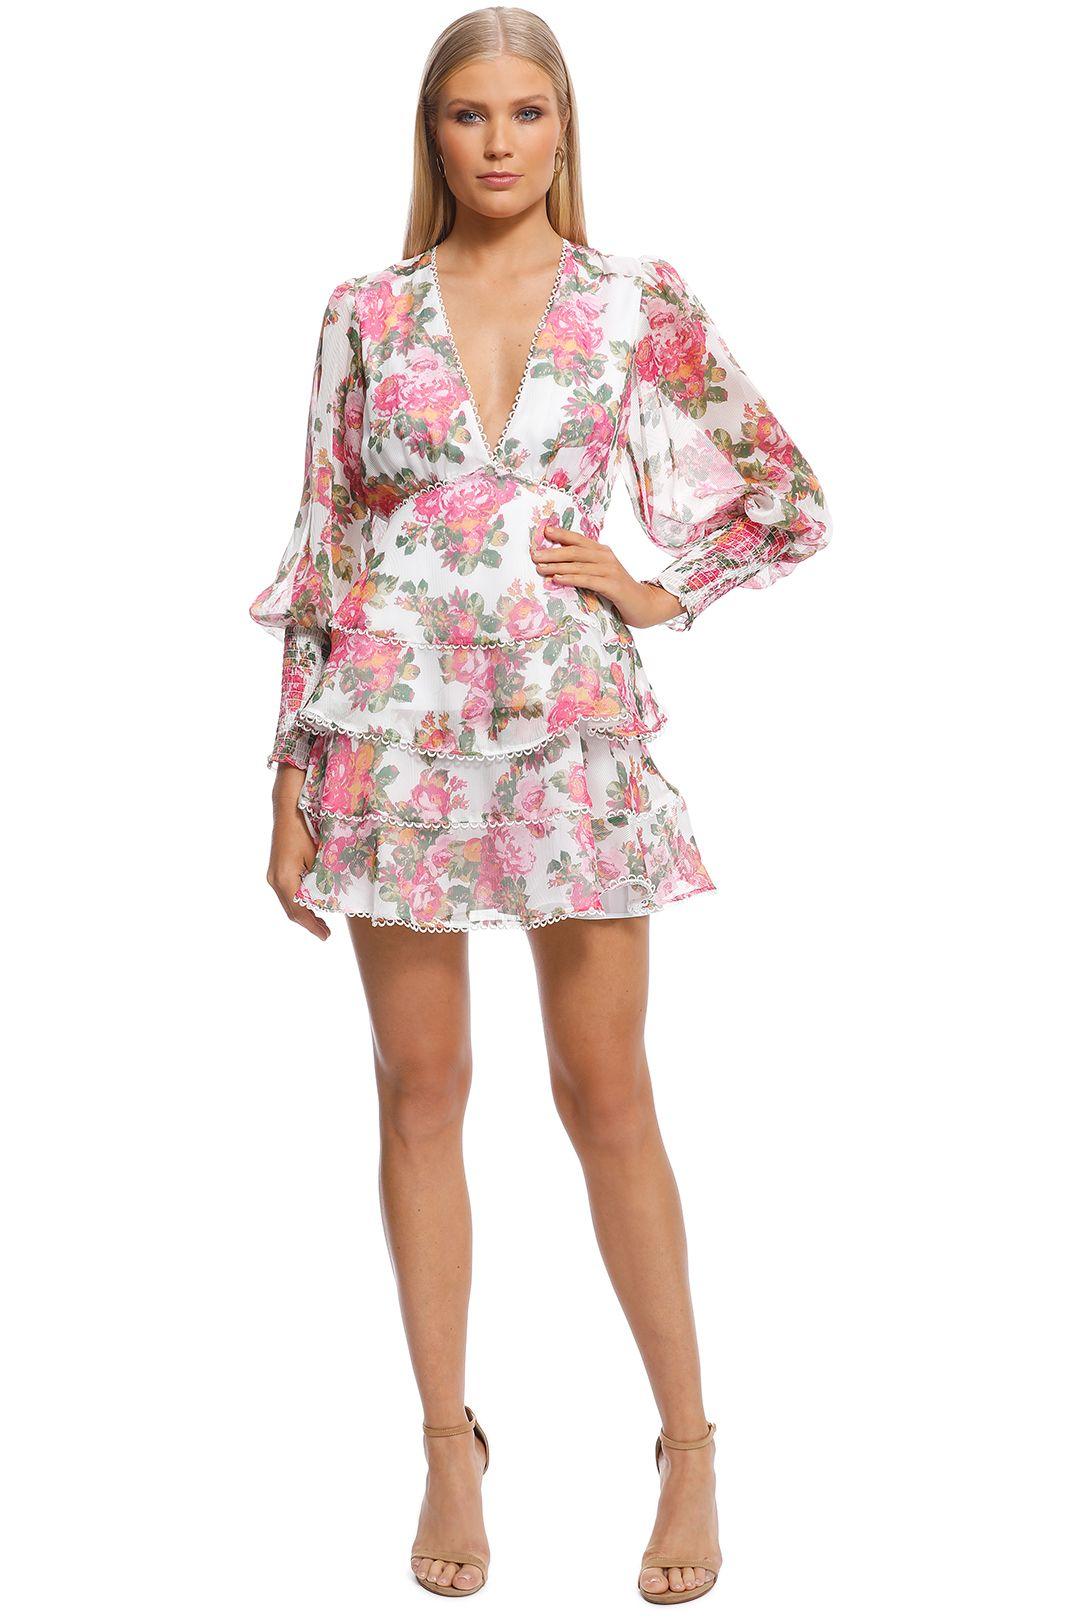 Keepsake The Label - Oblivion LS Mini Dress - Ivory Floral - Front